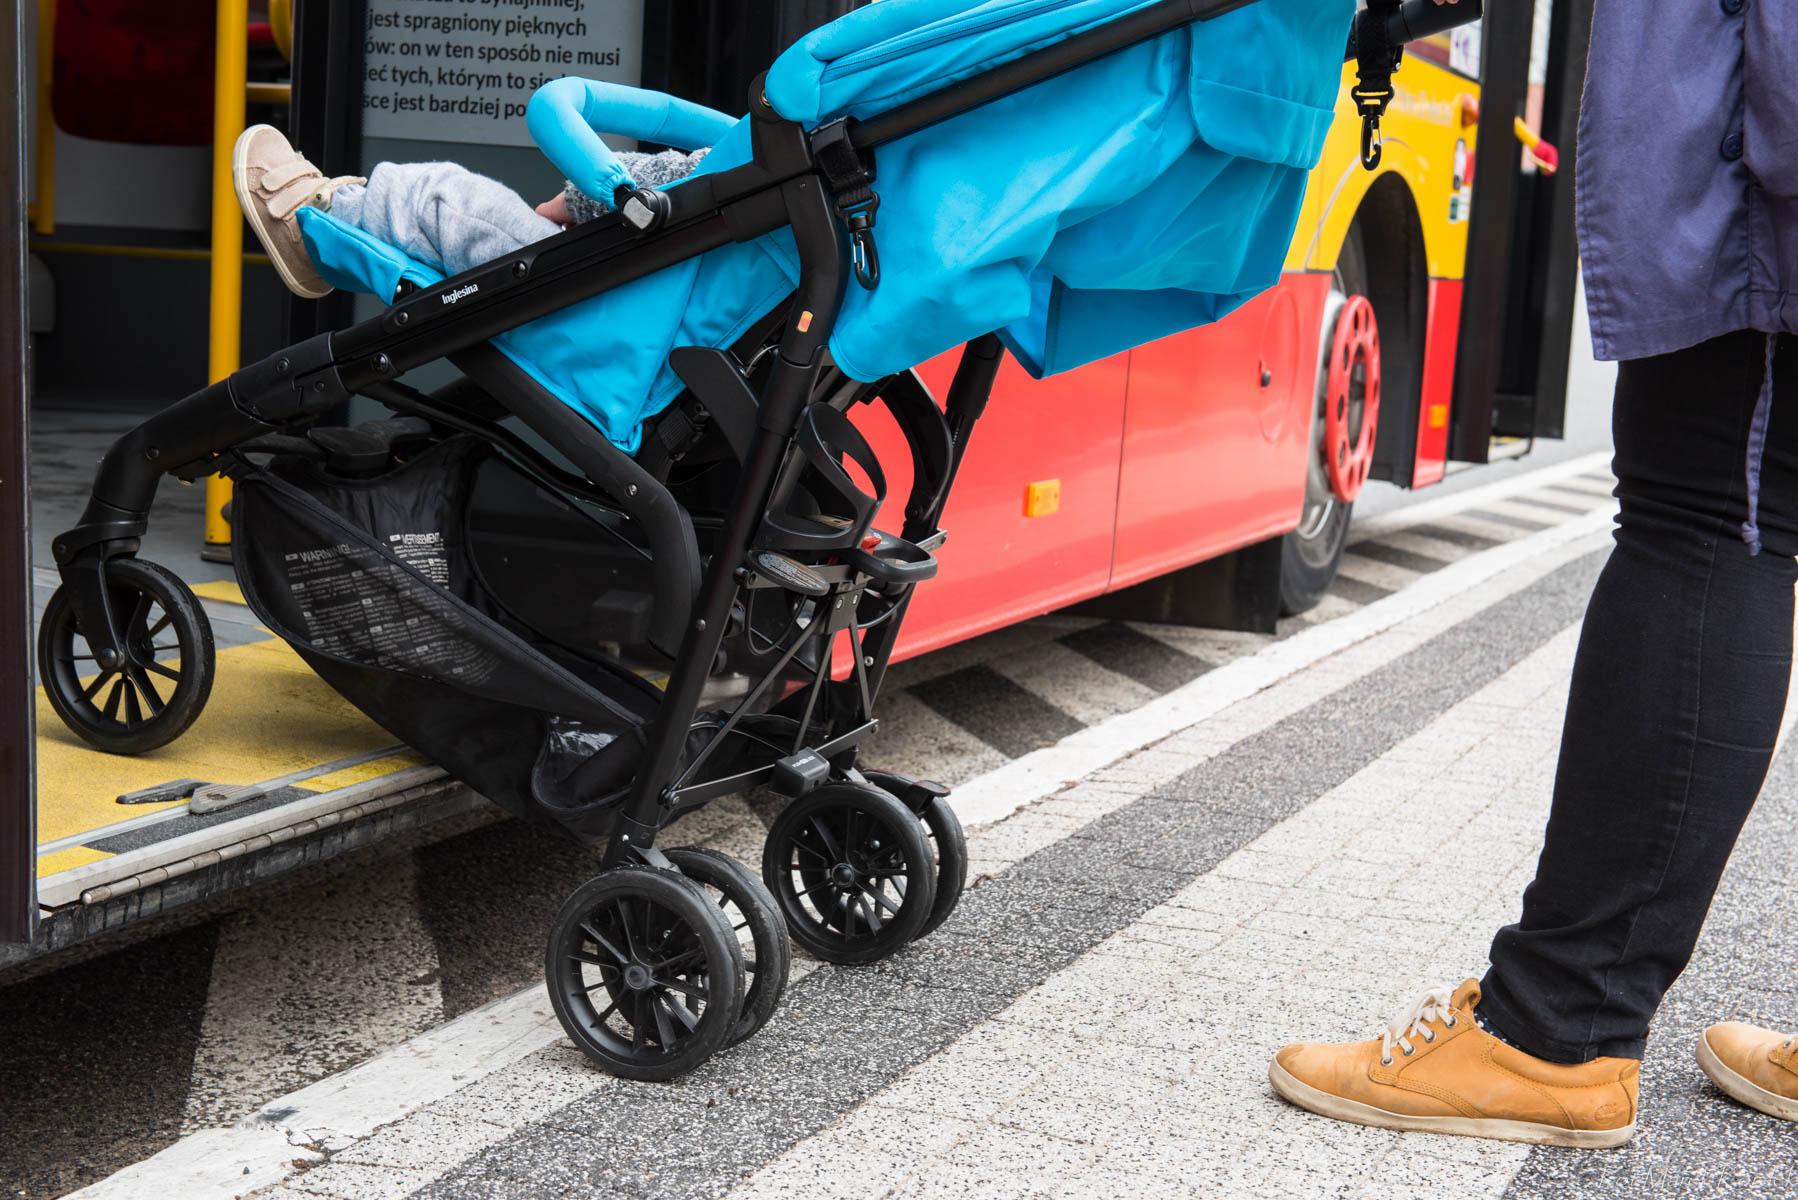 Jak bezpiecznie przewozić dziecko w komunikacji miejskiej